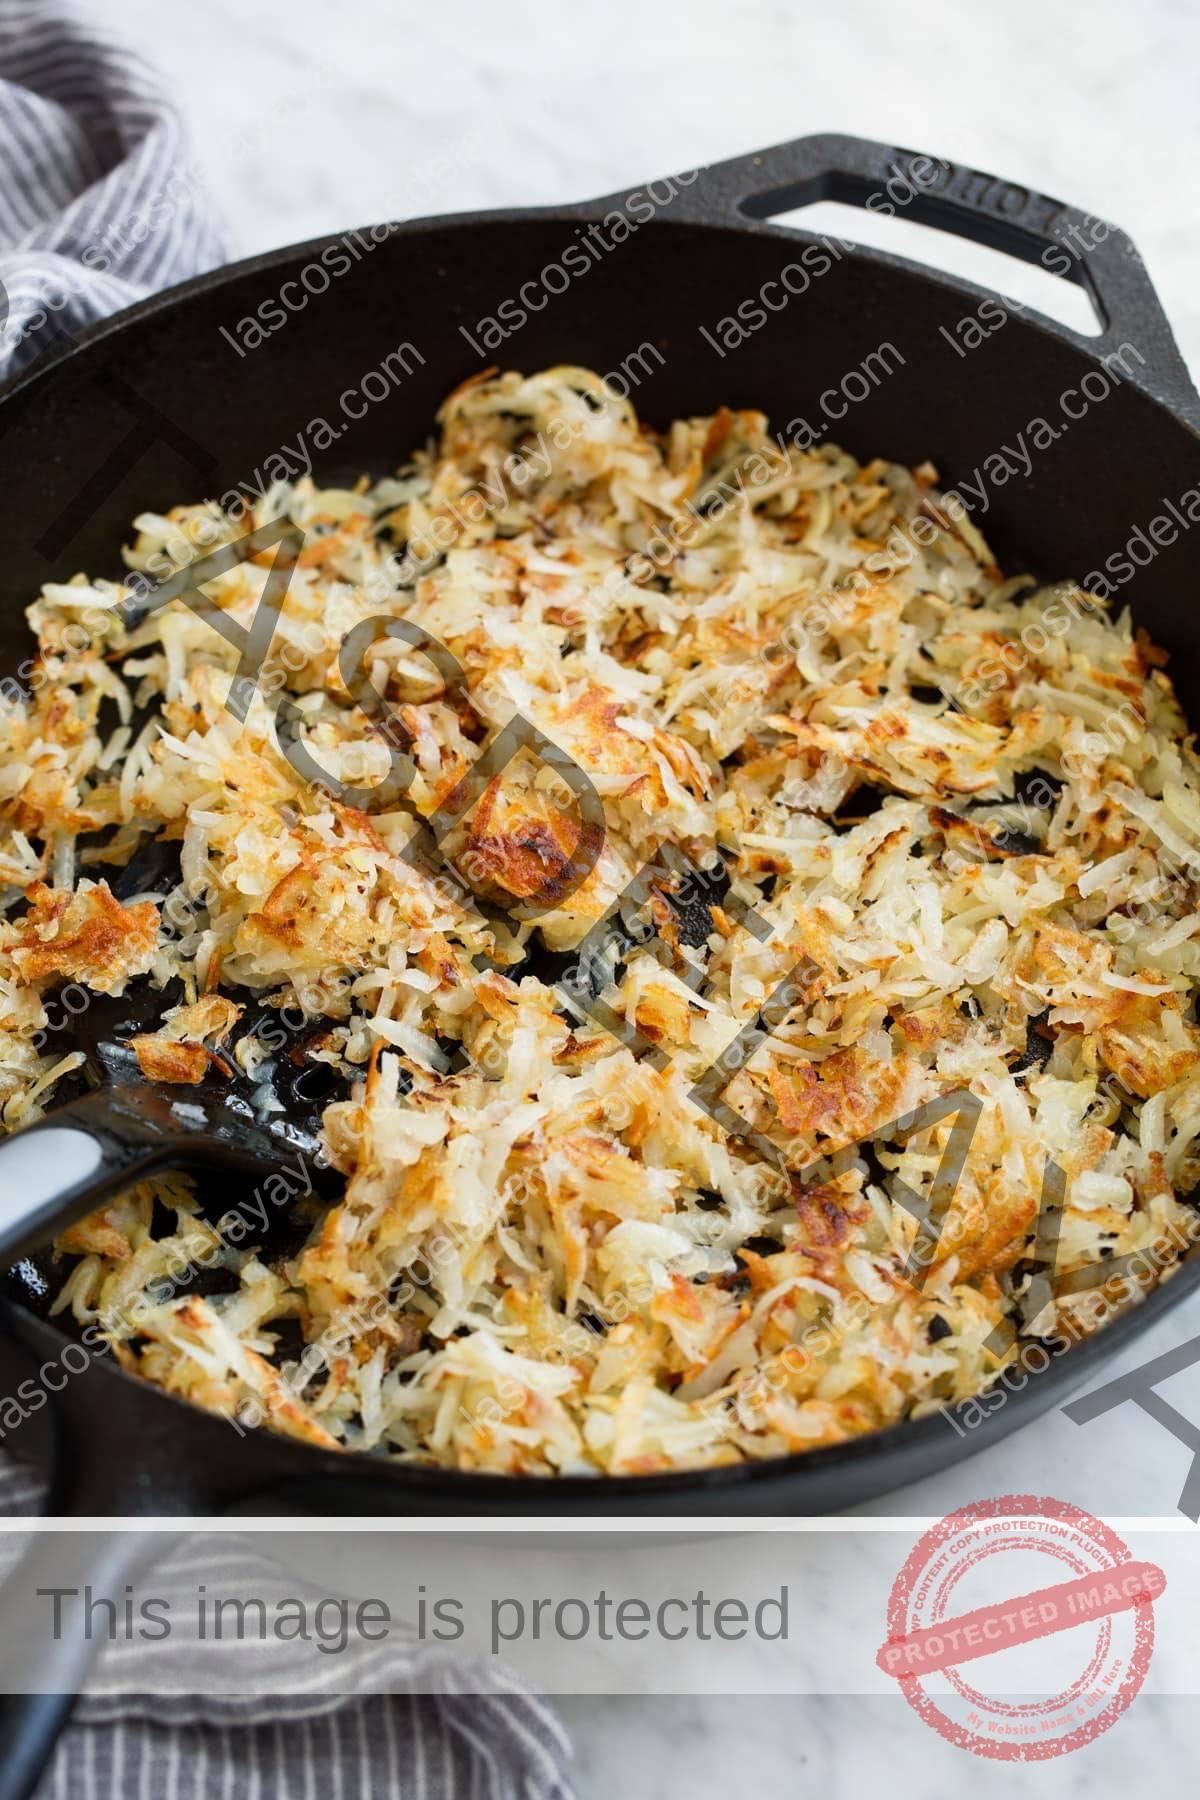 Patatas fritas picadas cocidas en una sartén de hierro fundido.